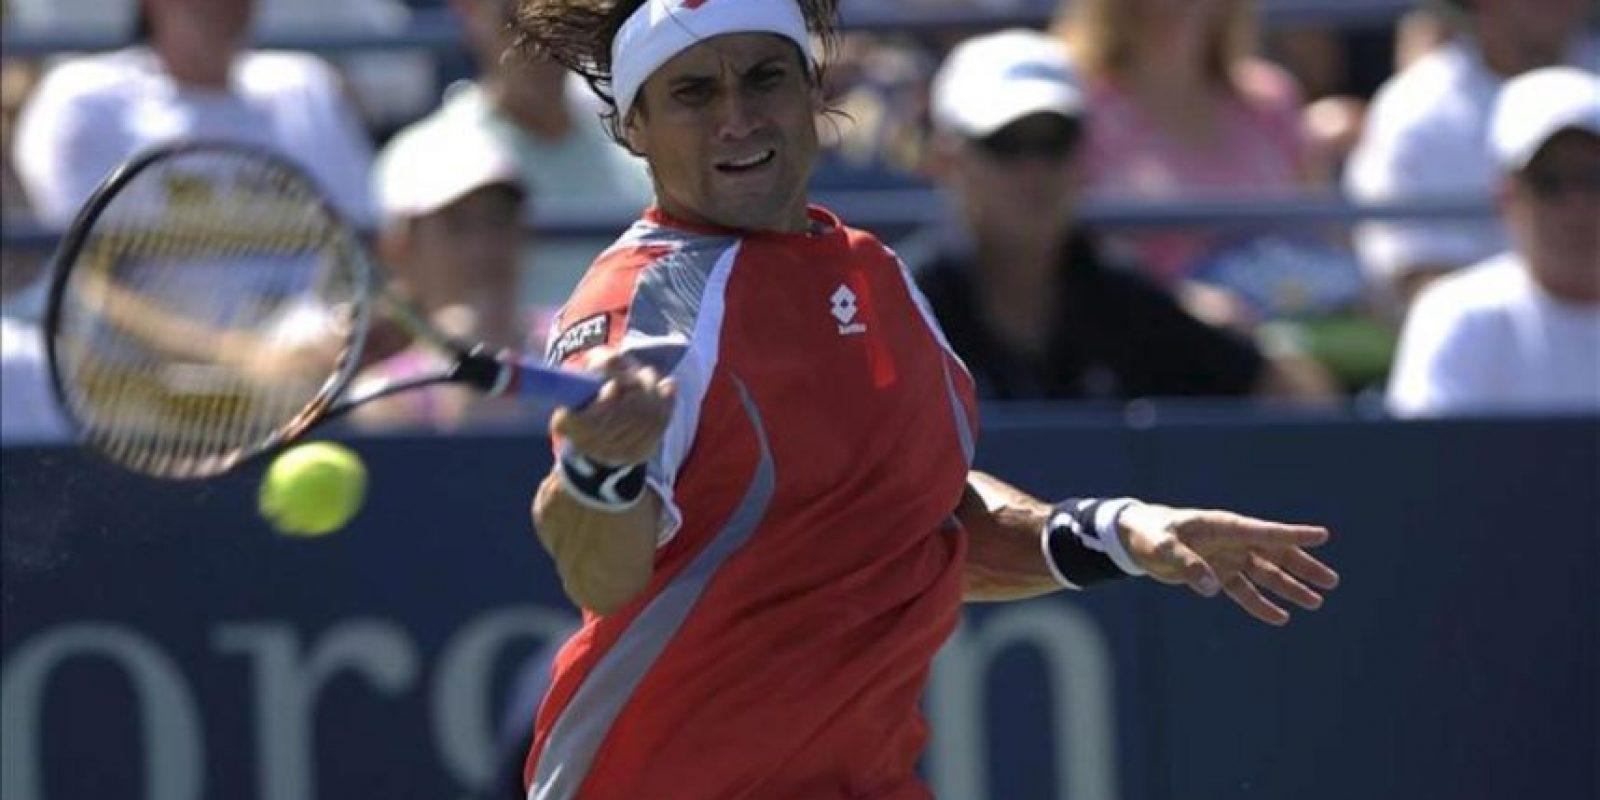 El tenista español David Ferrer devuelve la bola al holandés Igor Sijsling durante el partido correspondiente a la quinta jornada del Abierto de Estados Unidos disputado en la pista del Centro Nacional de Tenis de Flushing Meadows, Nueva Yoork, EE.UU. este 31 de agosto. EFE